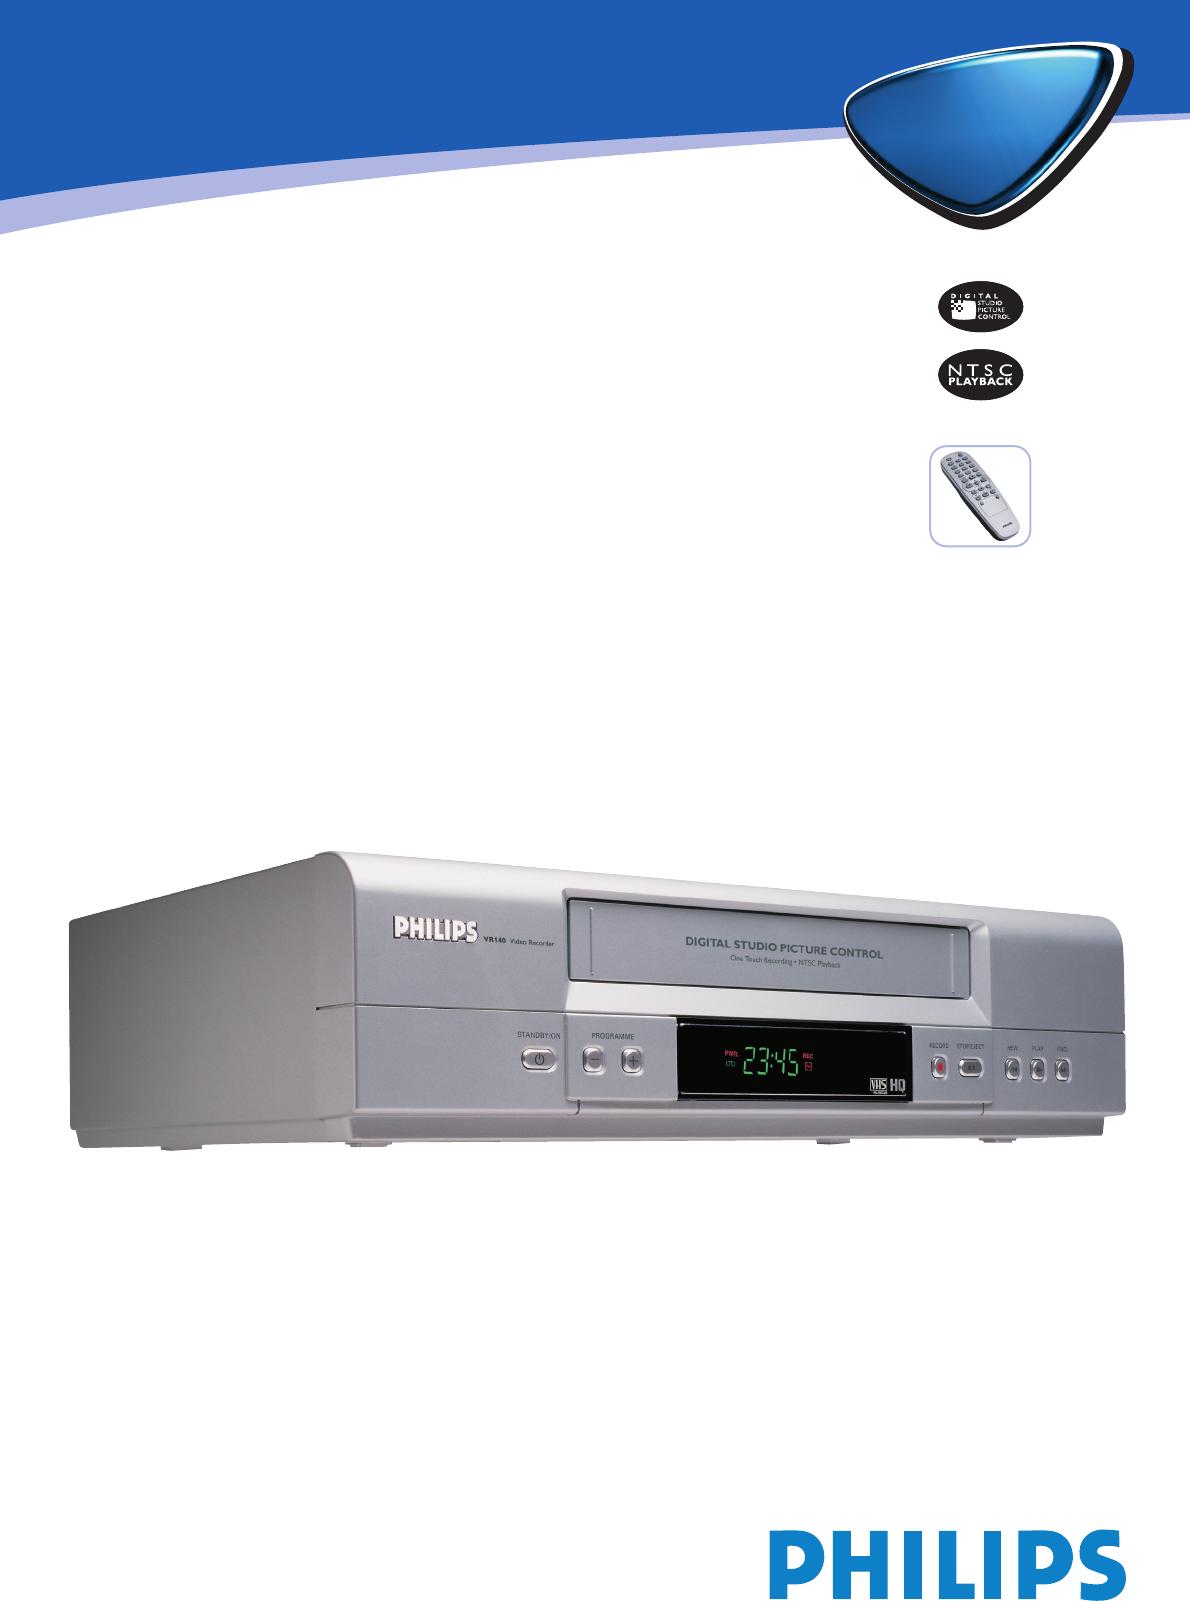 philips dvr vr1402 user guide manualsonline com rh tv manualsonline com 4 Channel DVR Manual Dish ViP722 DVR Manual